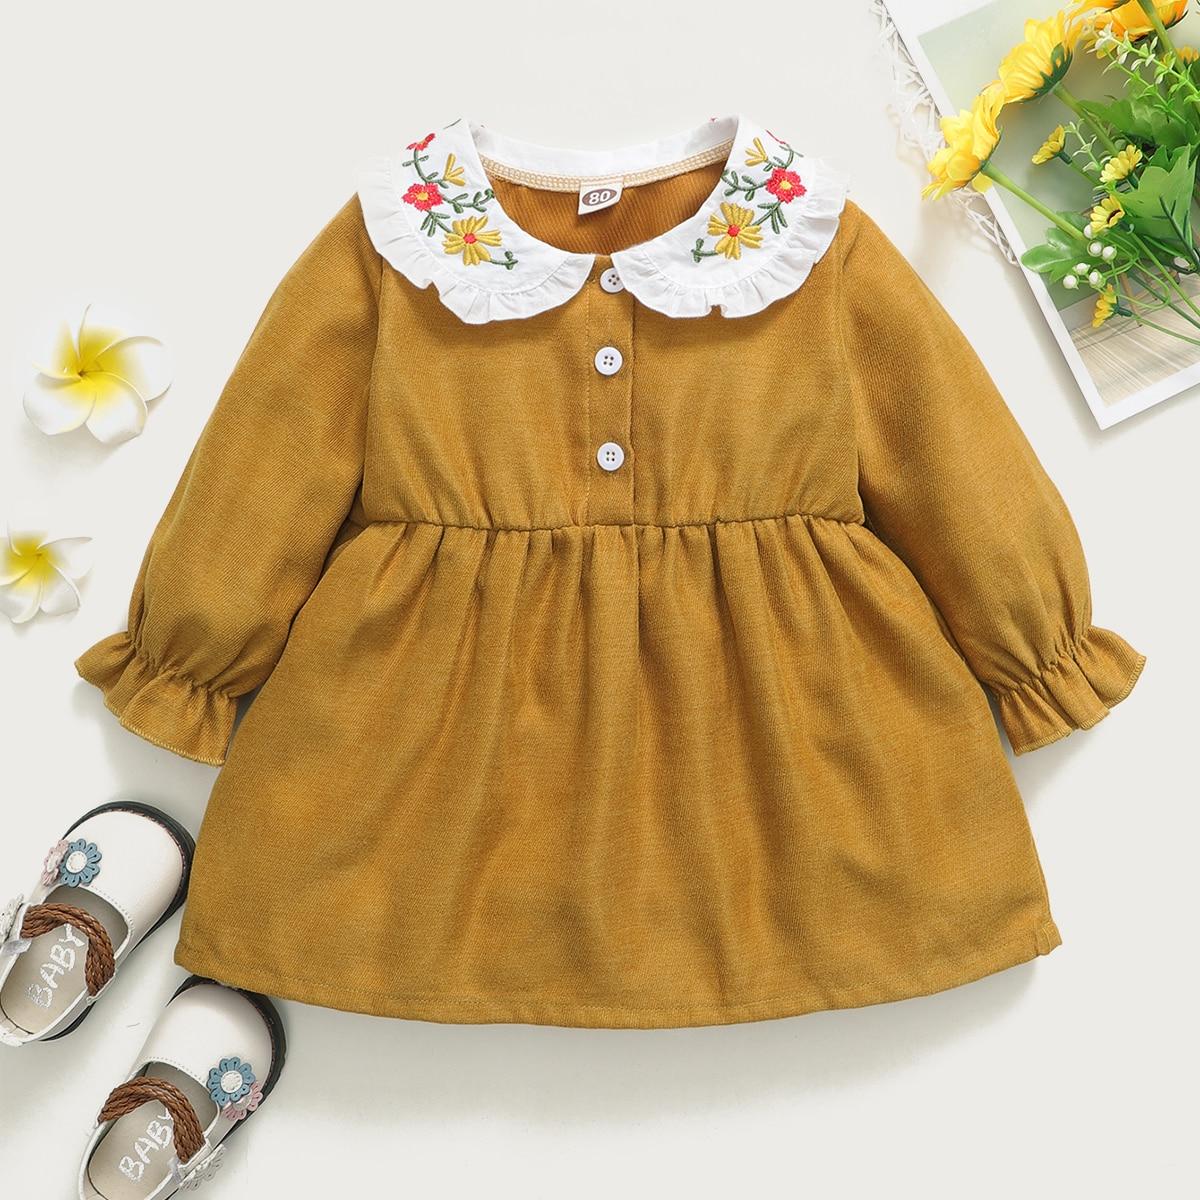 с вышивкой Цветочный принт милый Платья для малышей от SHEIN